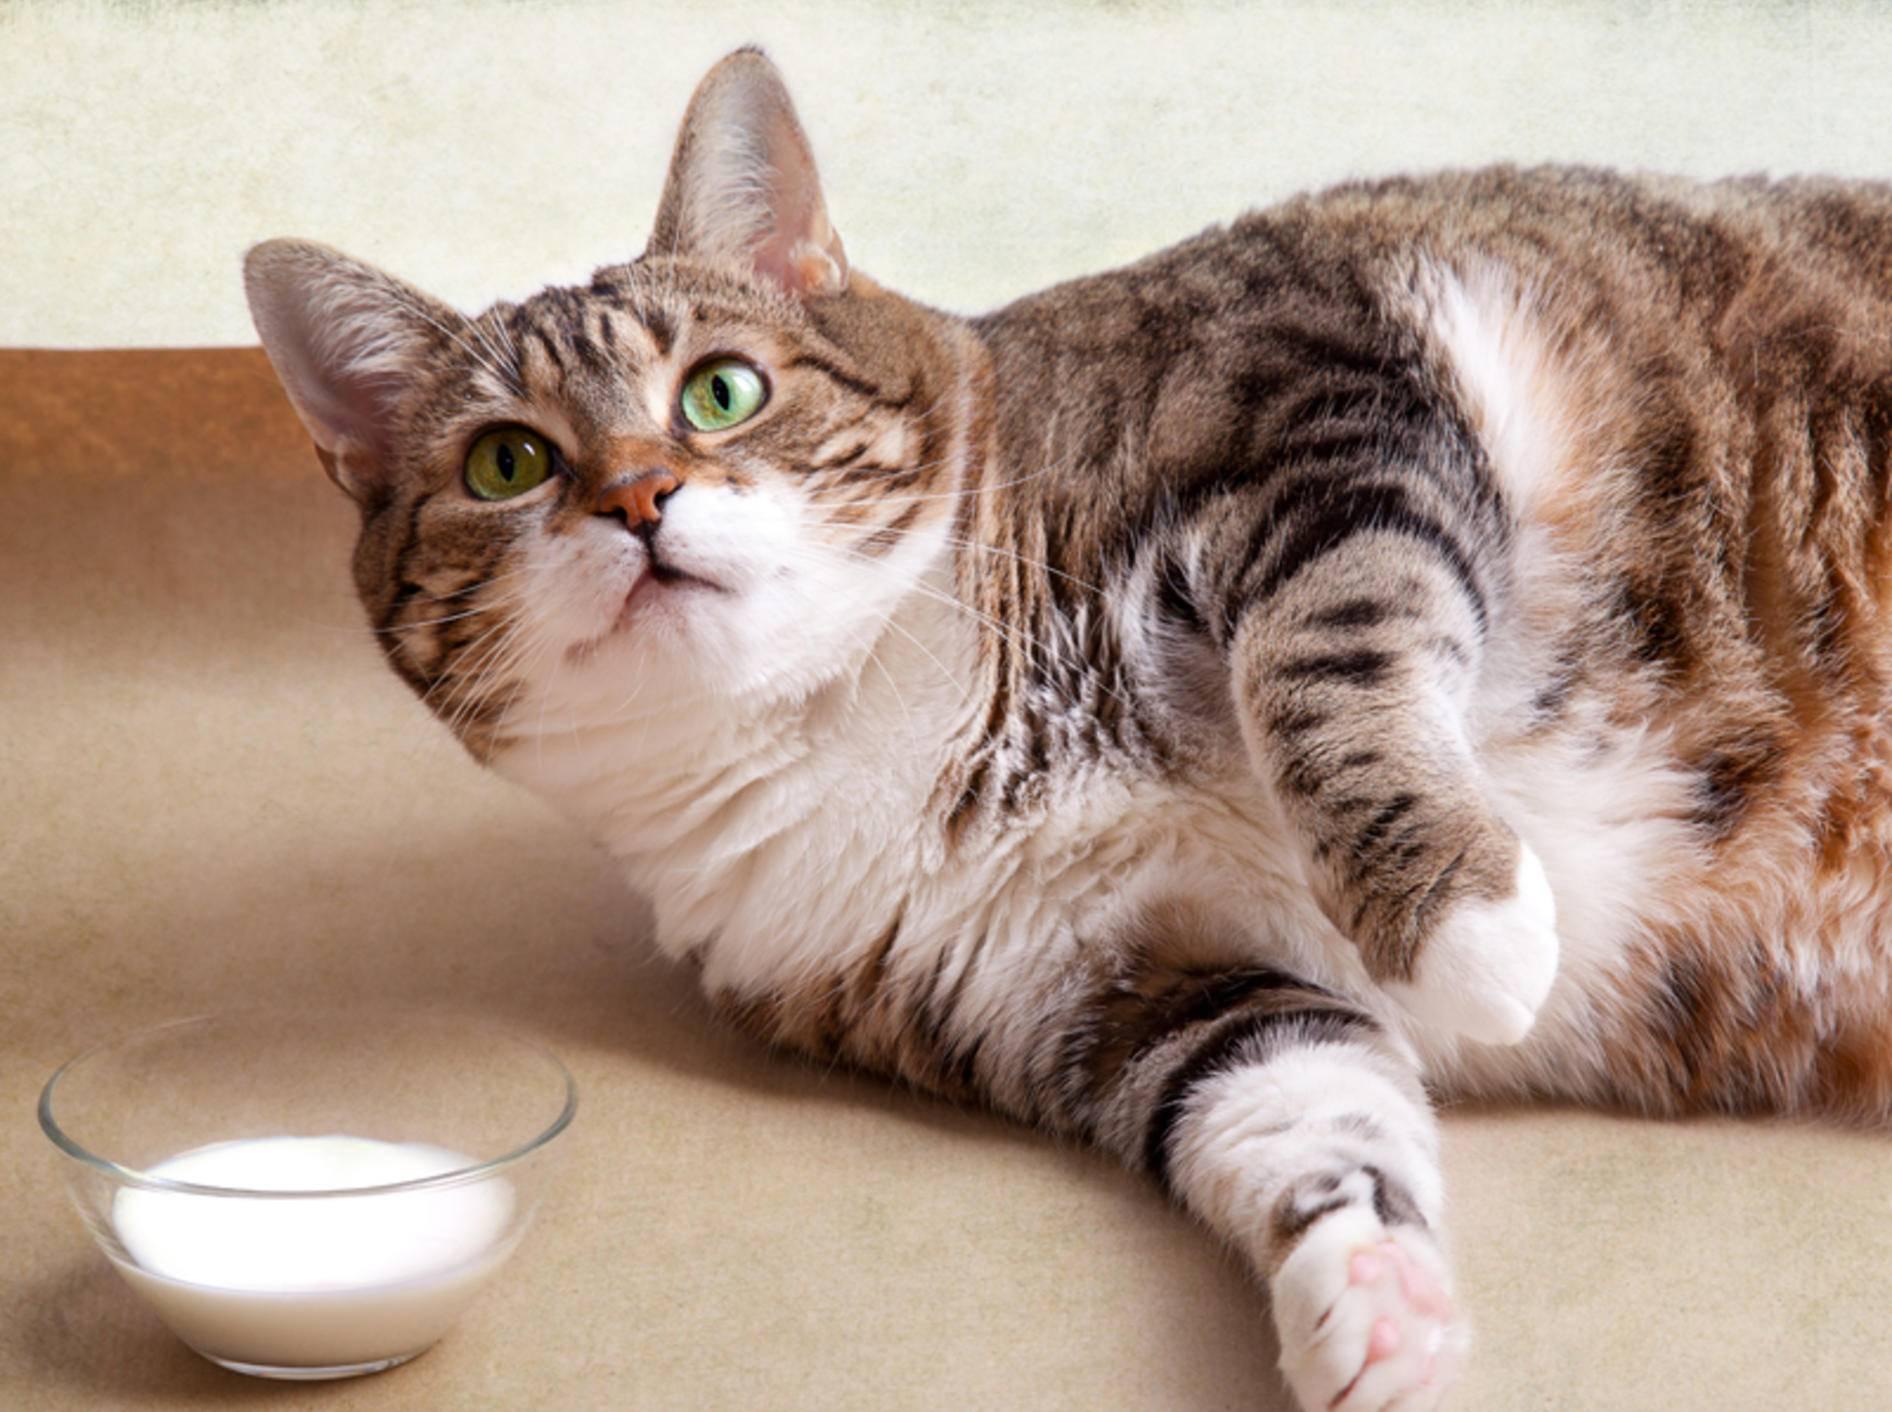 Lecker, aber leider ein Dickmacher: Katzenmilch – Shutterstock / Nailia Schwarz